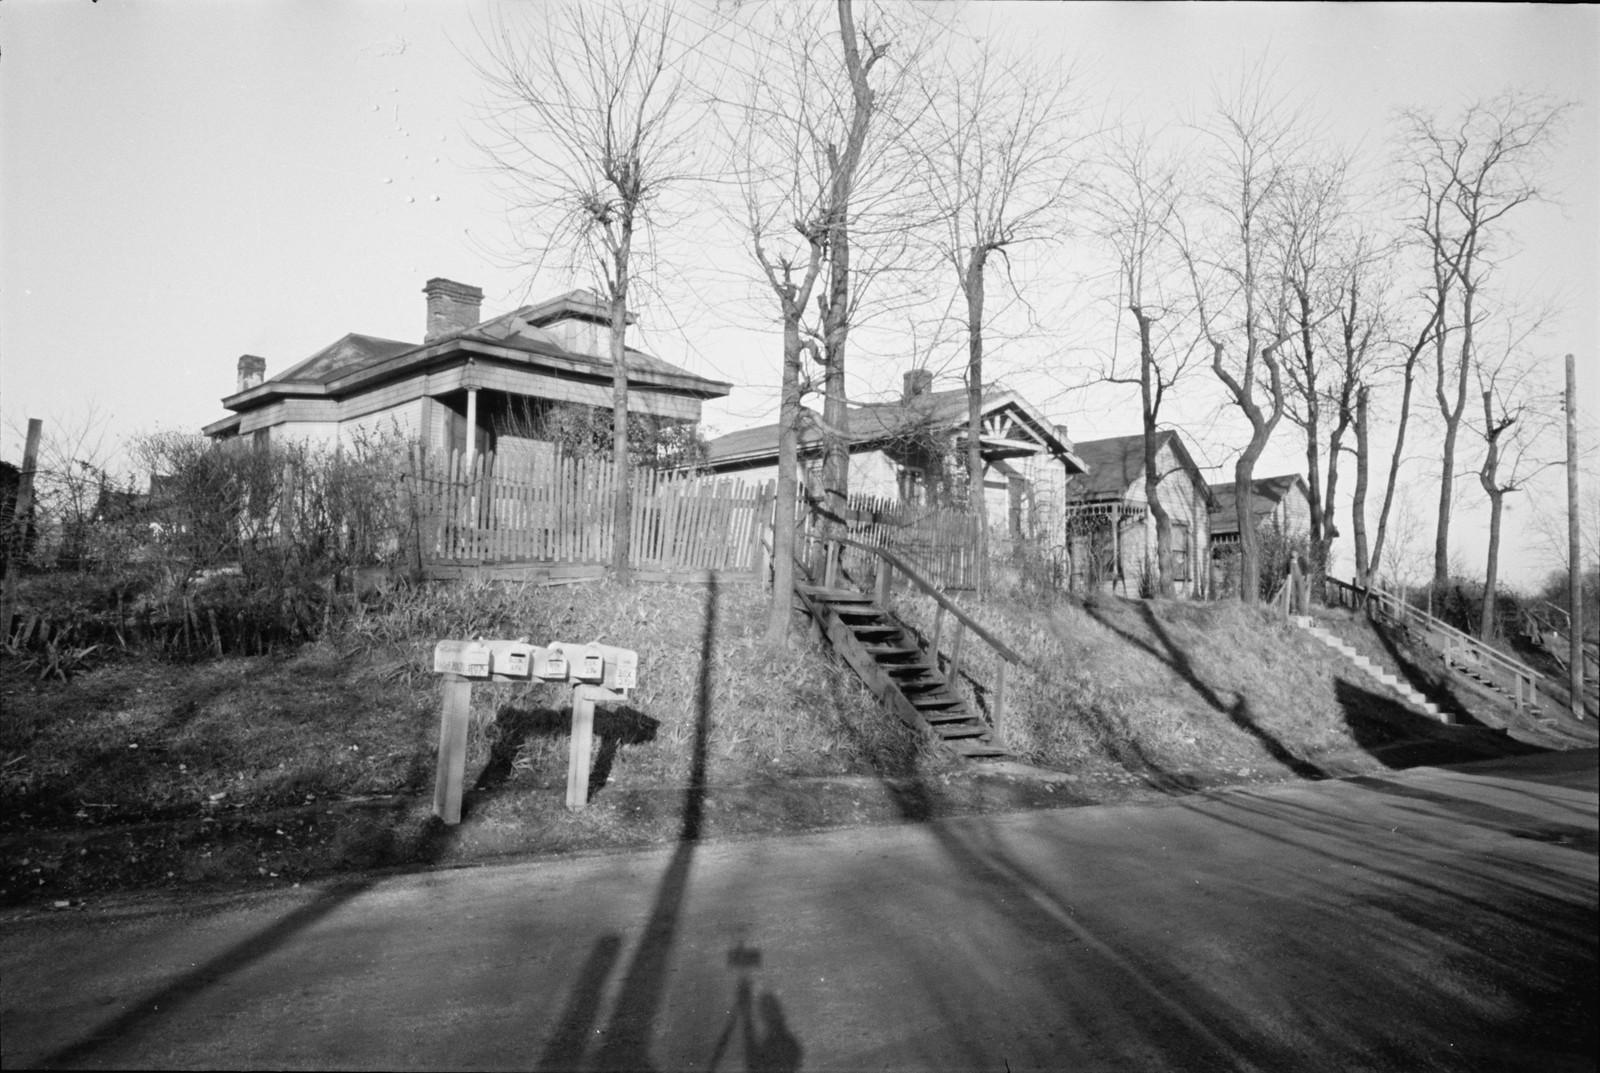 02. Дешевые частично построенные дома без воды и канализации, Локленд, Огайо